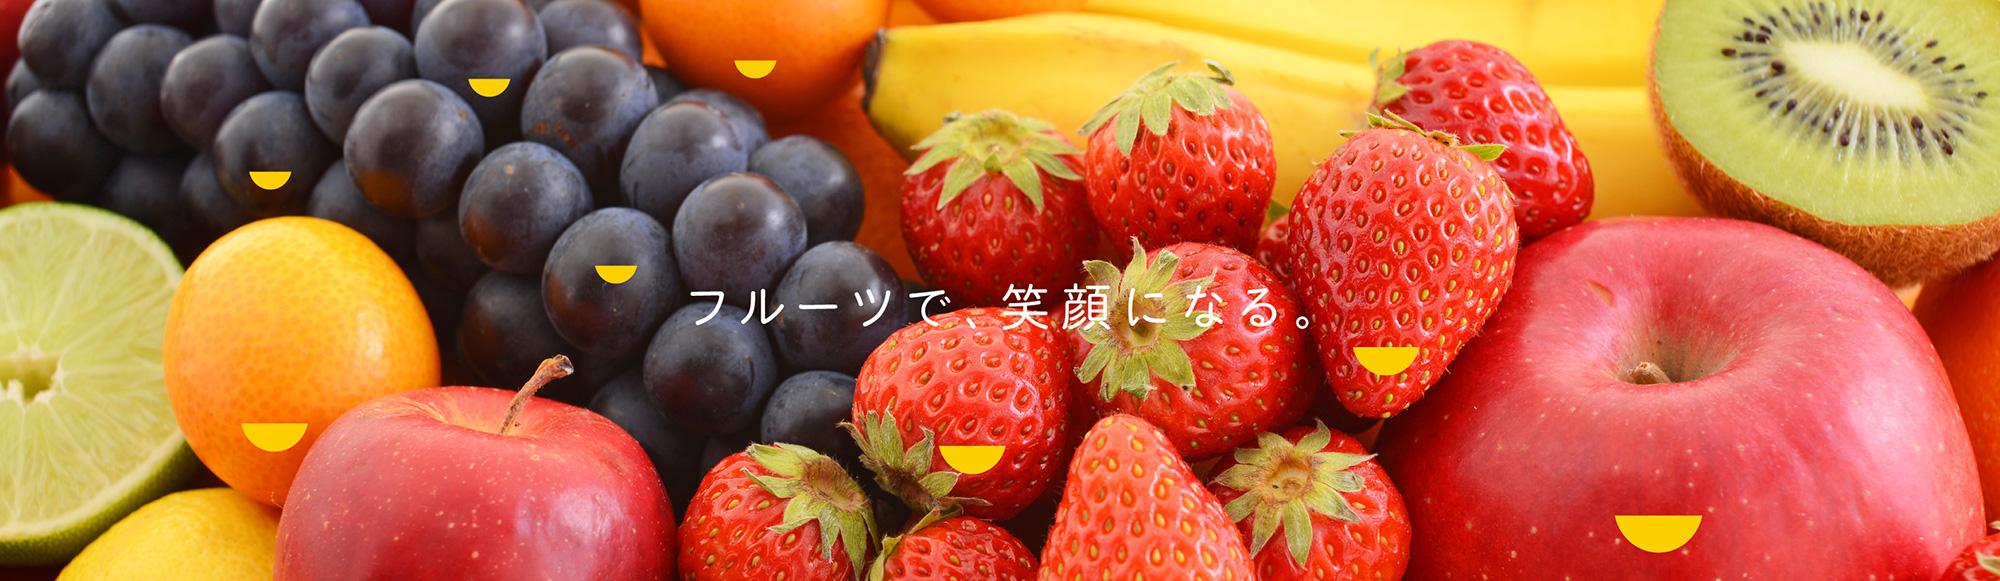 フルーツで笑顔になる